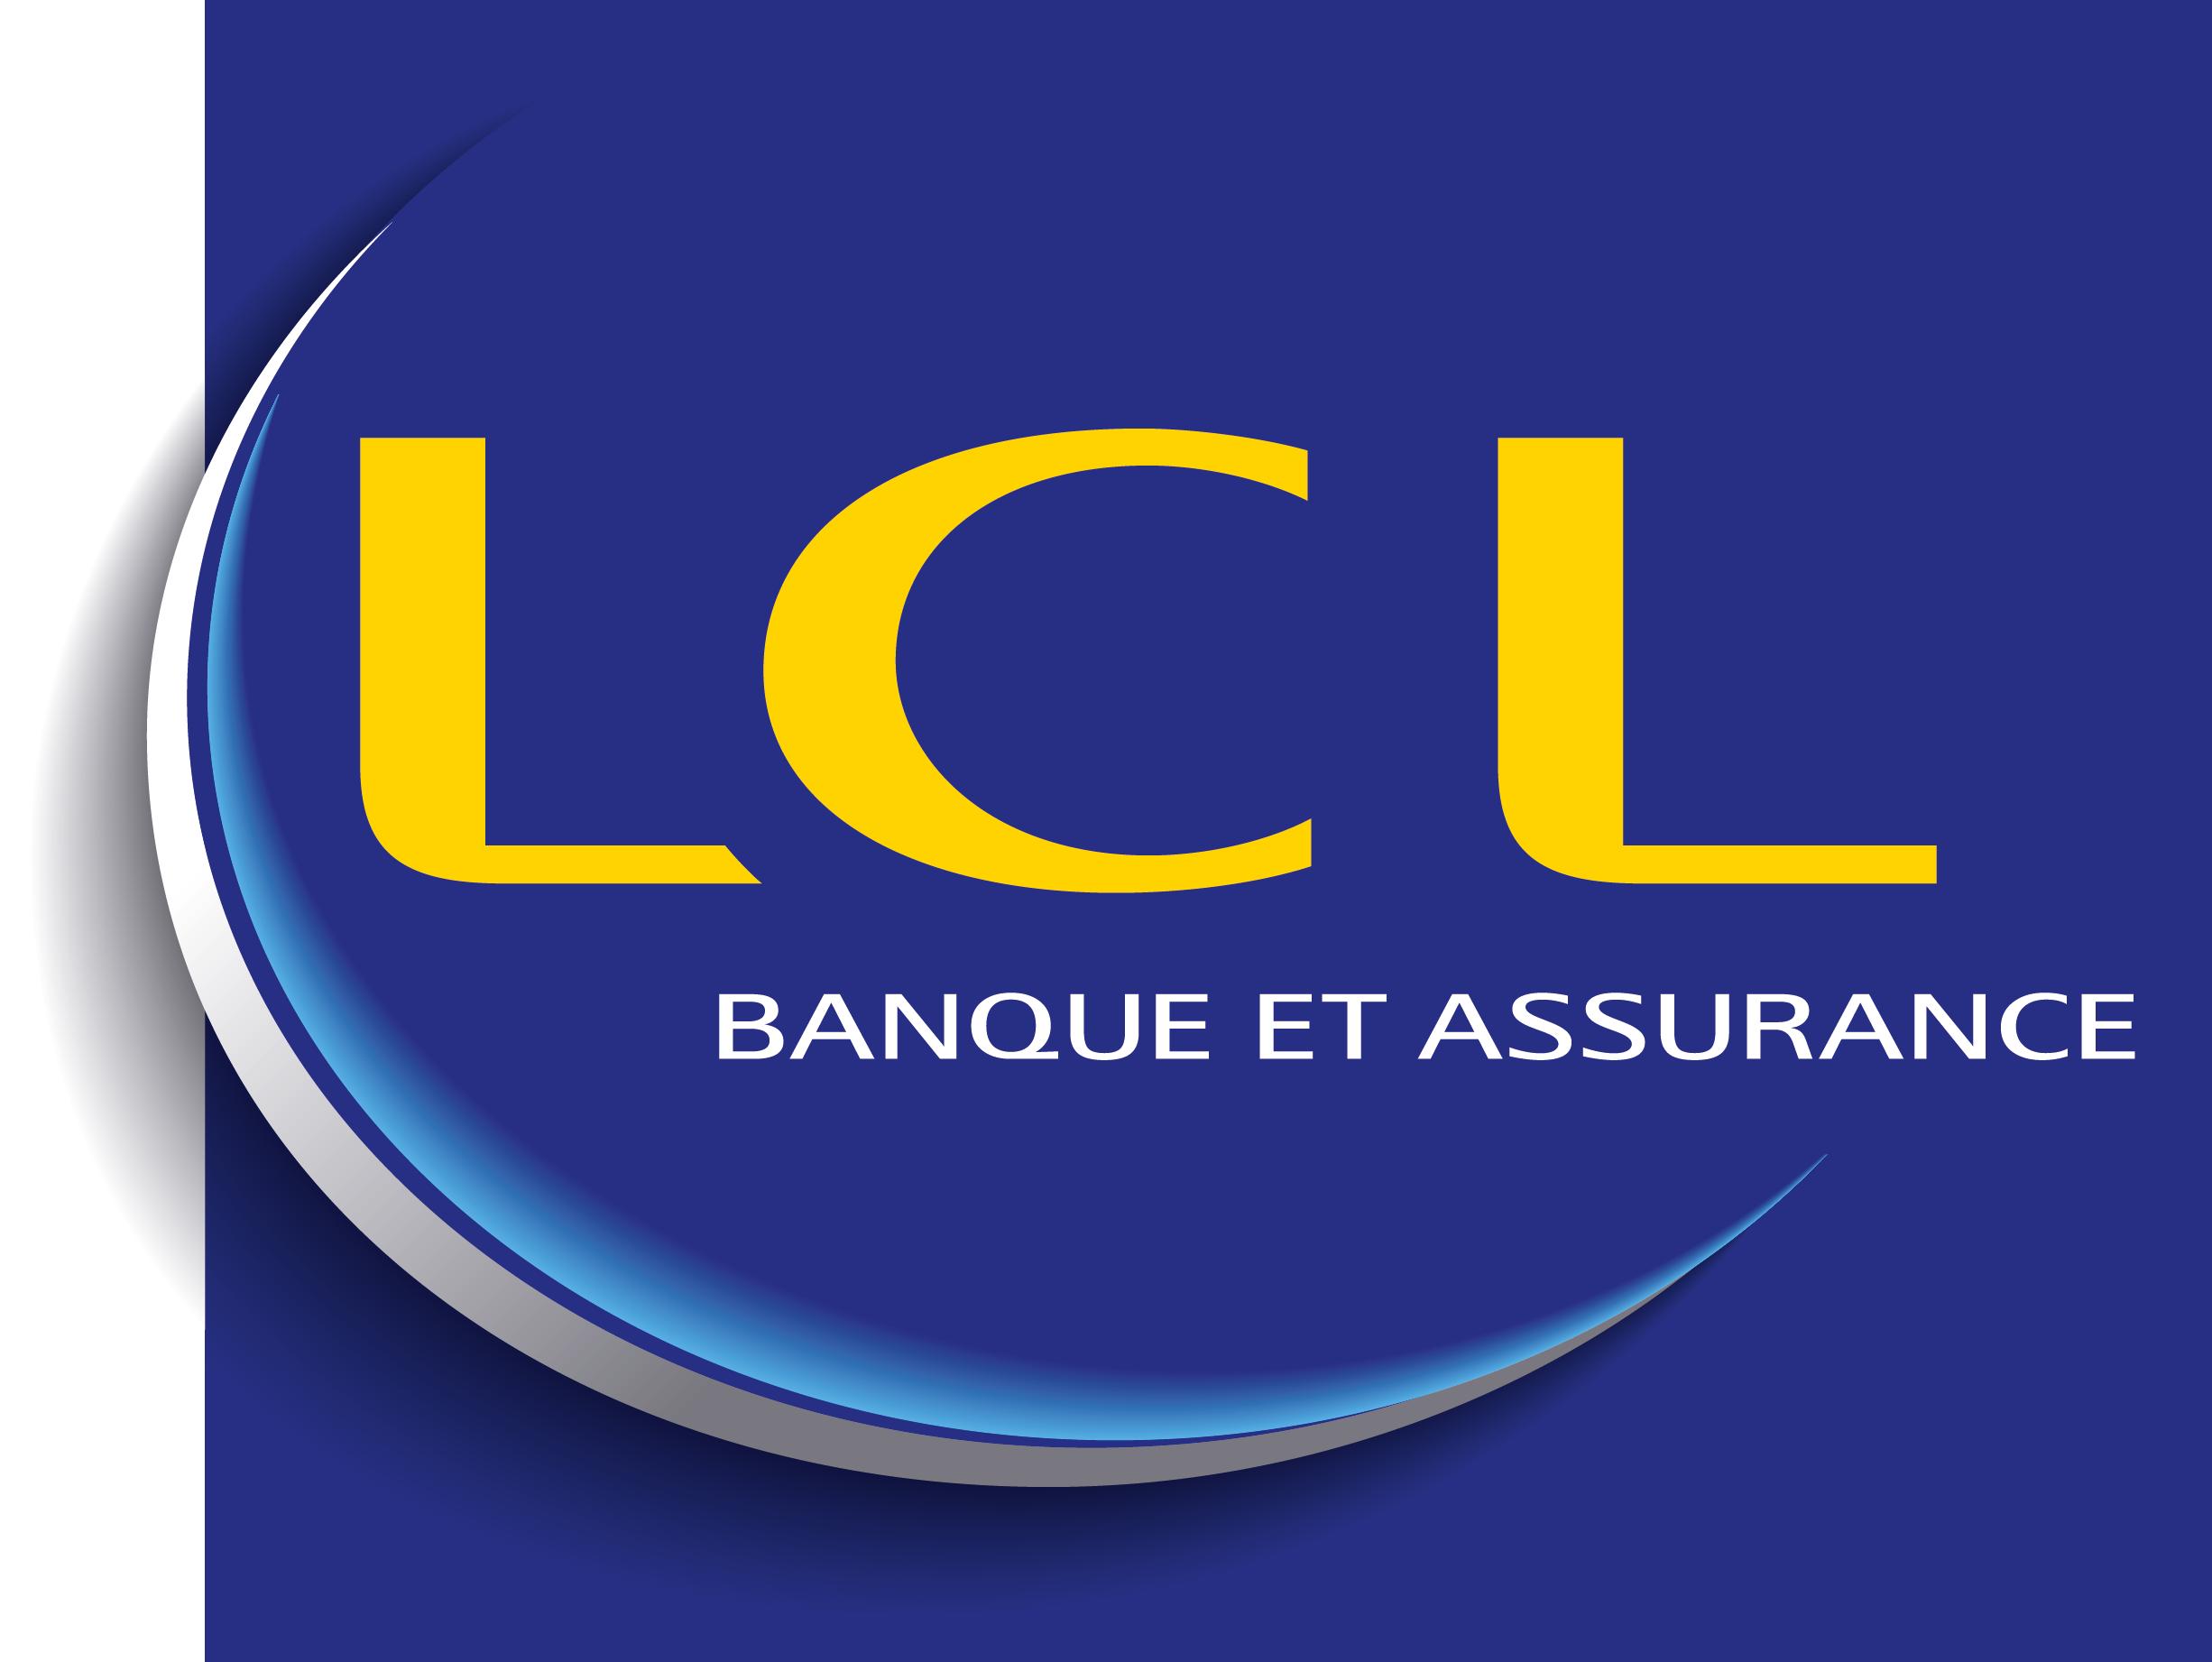 LCL, banque et assurance